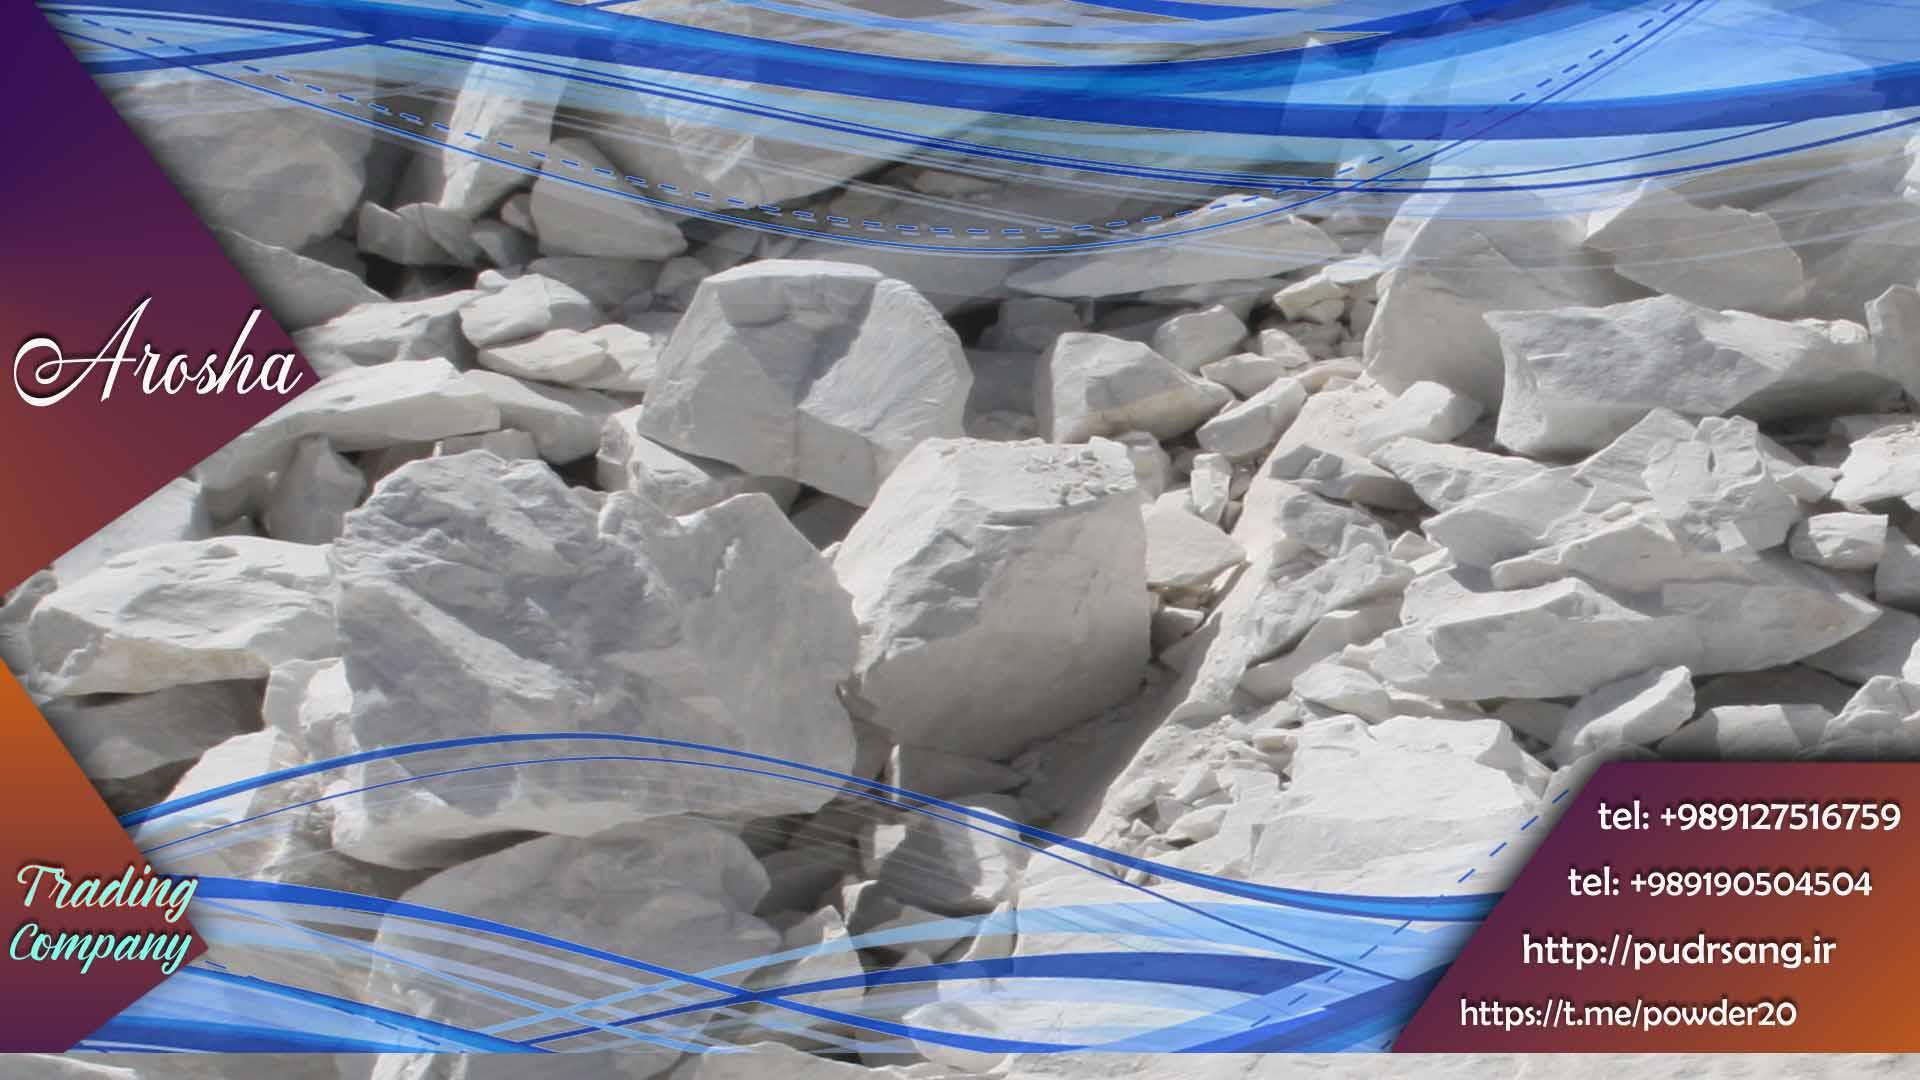 انواع کربنات کلسیم کارخانه پودر سنگ